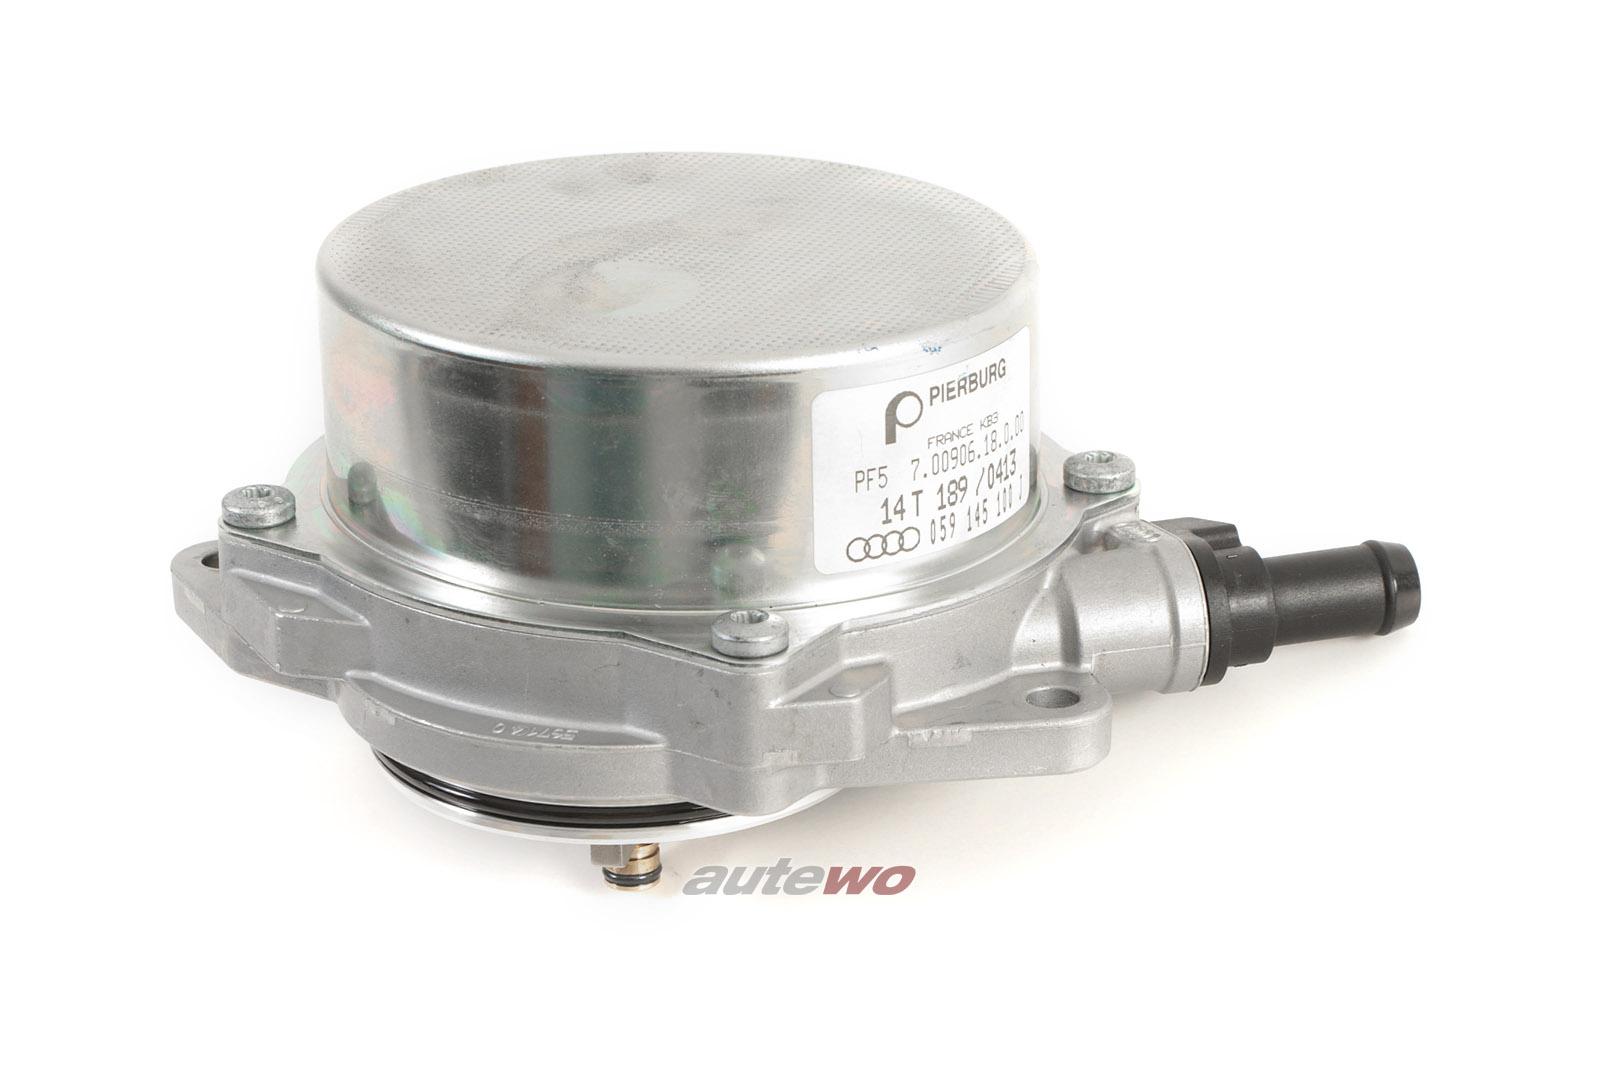 059145100J NEU Audi/VW A6 4F/A8 D4/4H/Q7 2.7/3.0/4.2l TDI Unterdruckpumpe